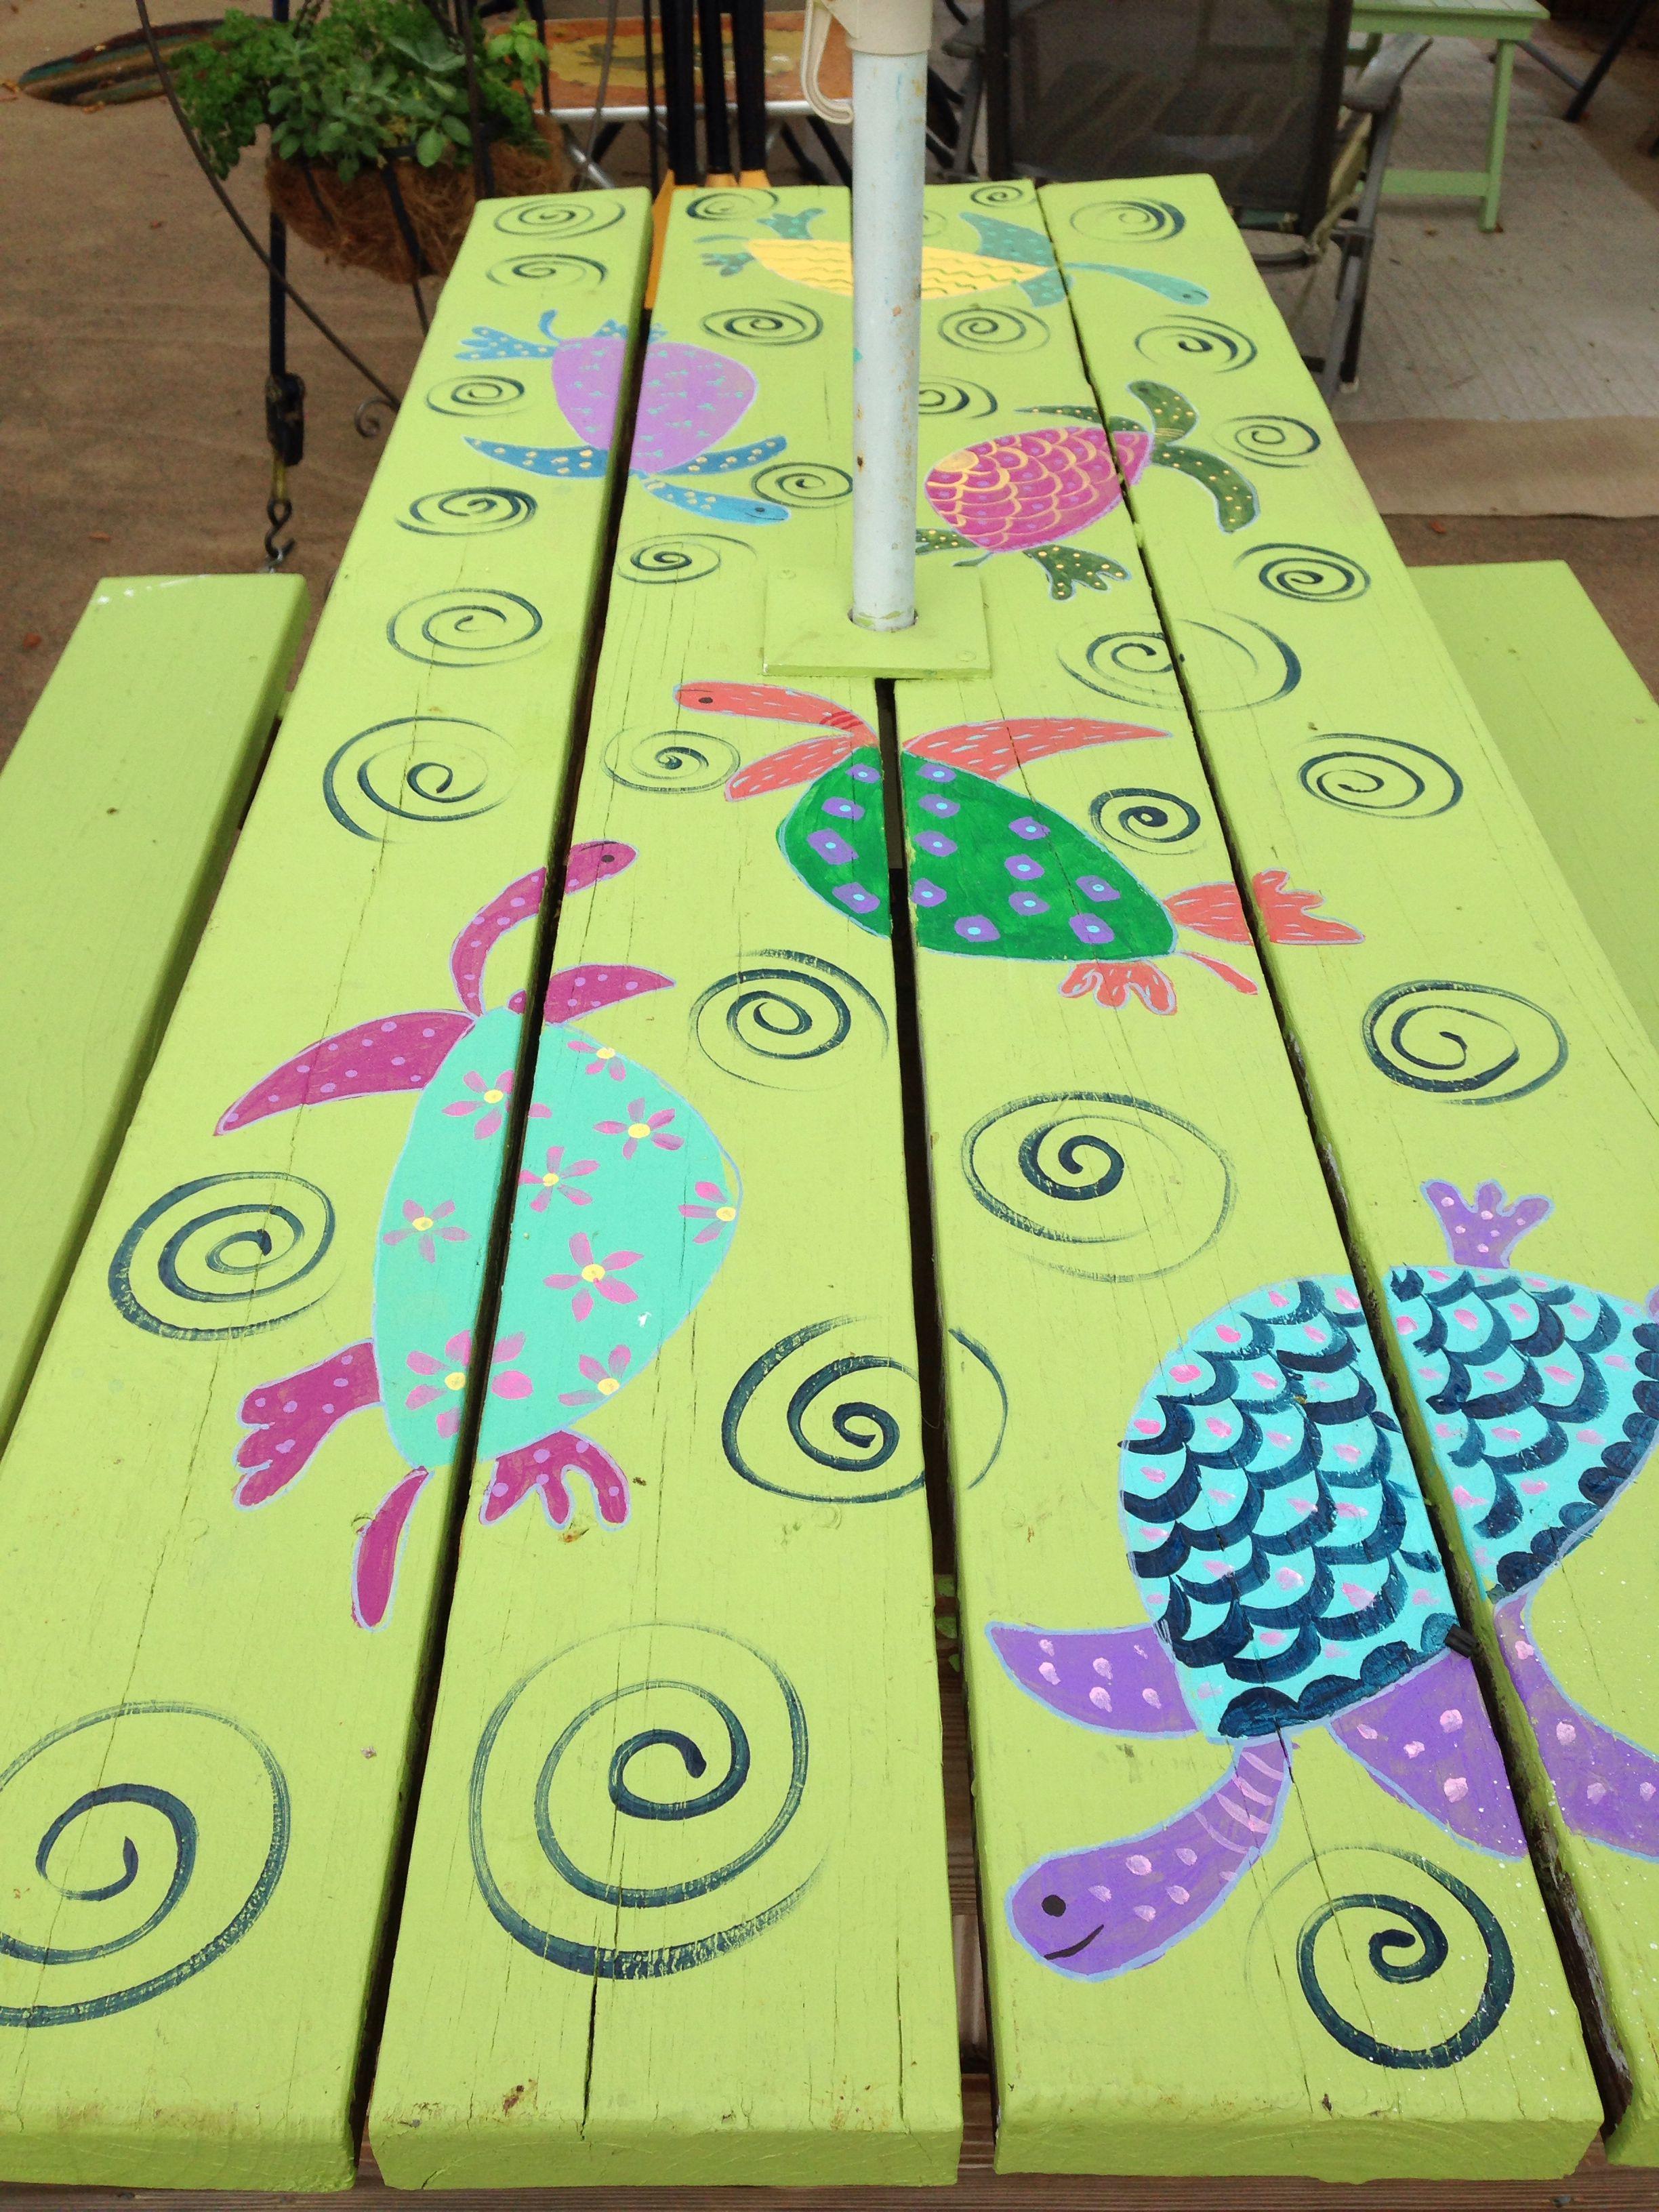 Homemade garden art ideas - Painted My Picnic Table Homemade Couchpainted Picnic Tablesoutdoor Tablesgarden Artgarden Ideaspicnicspainted